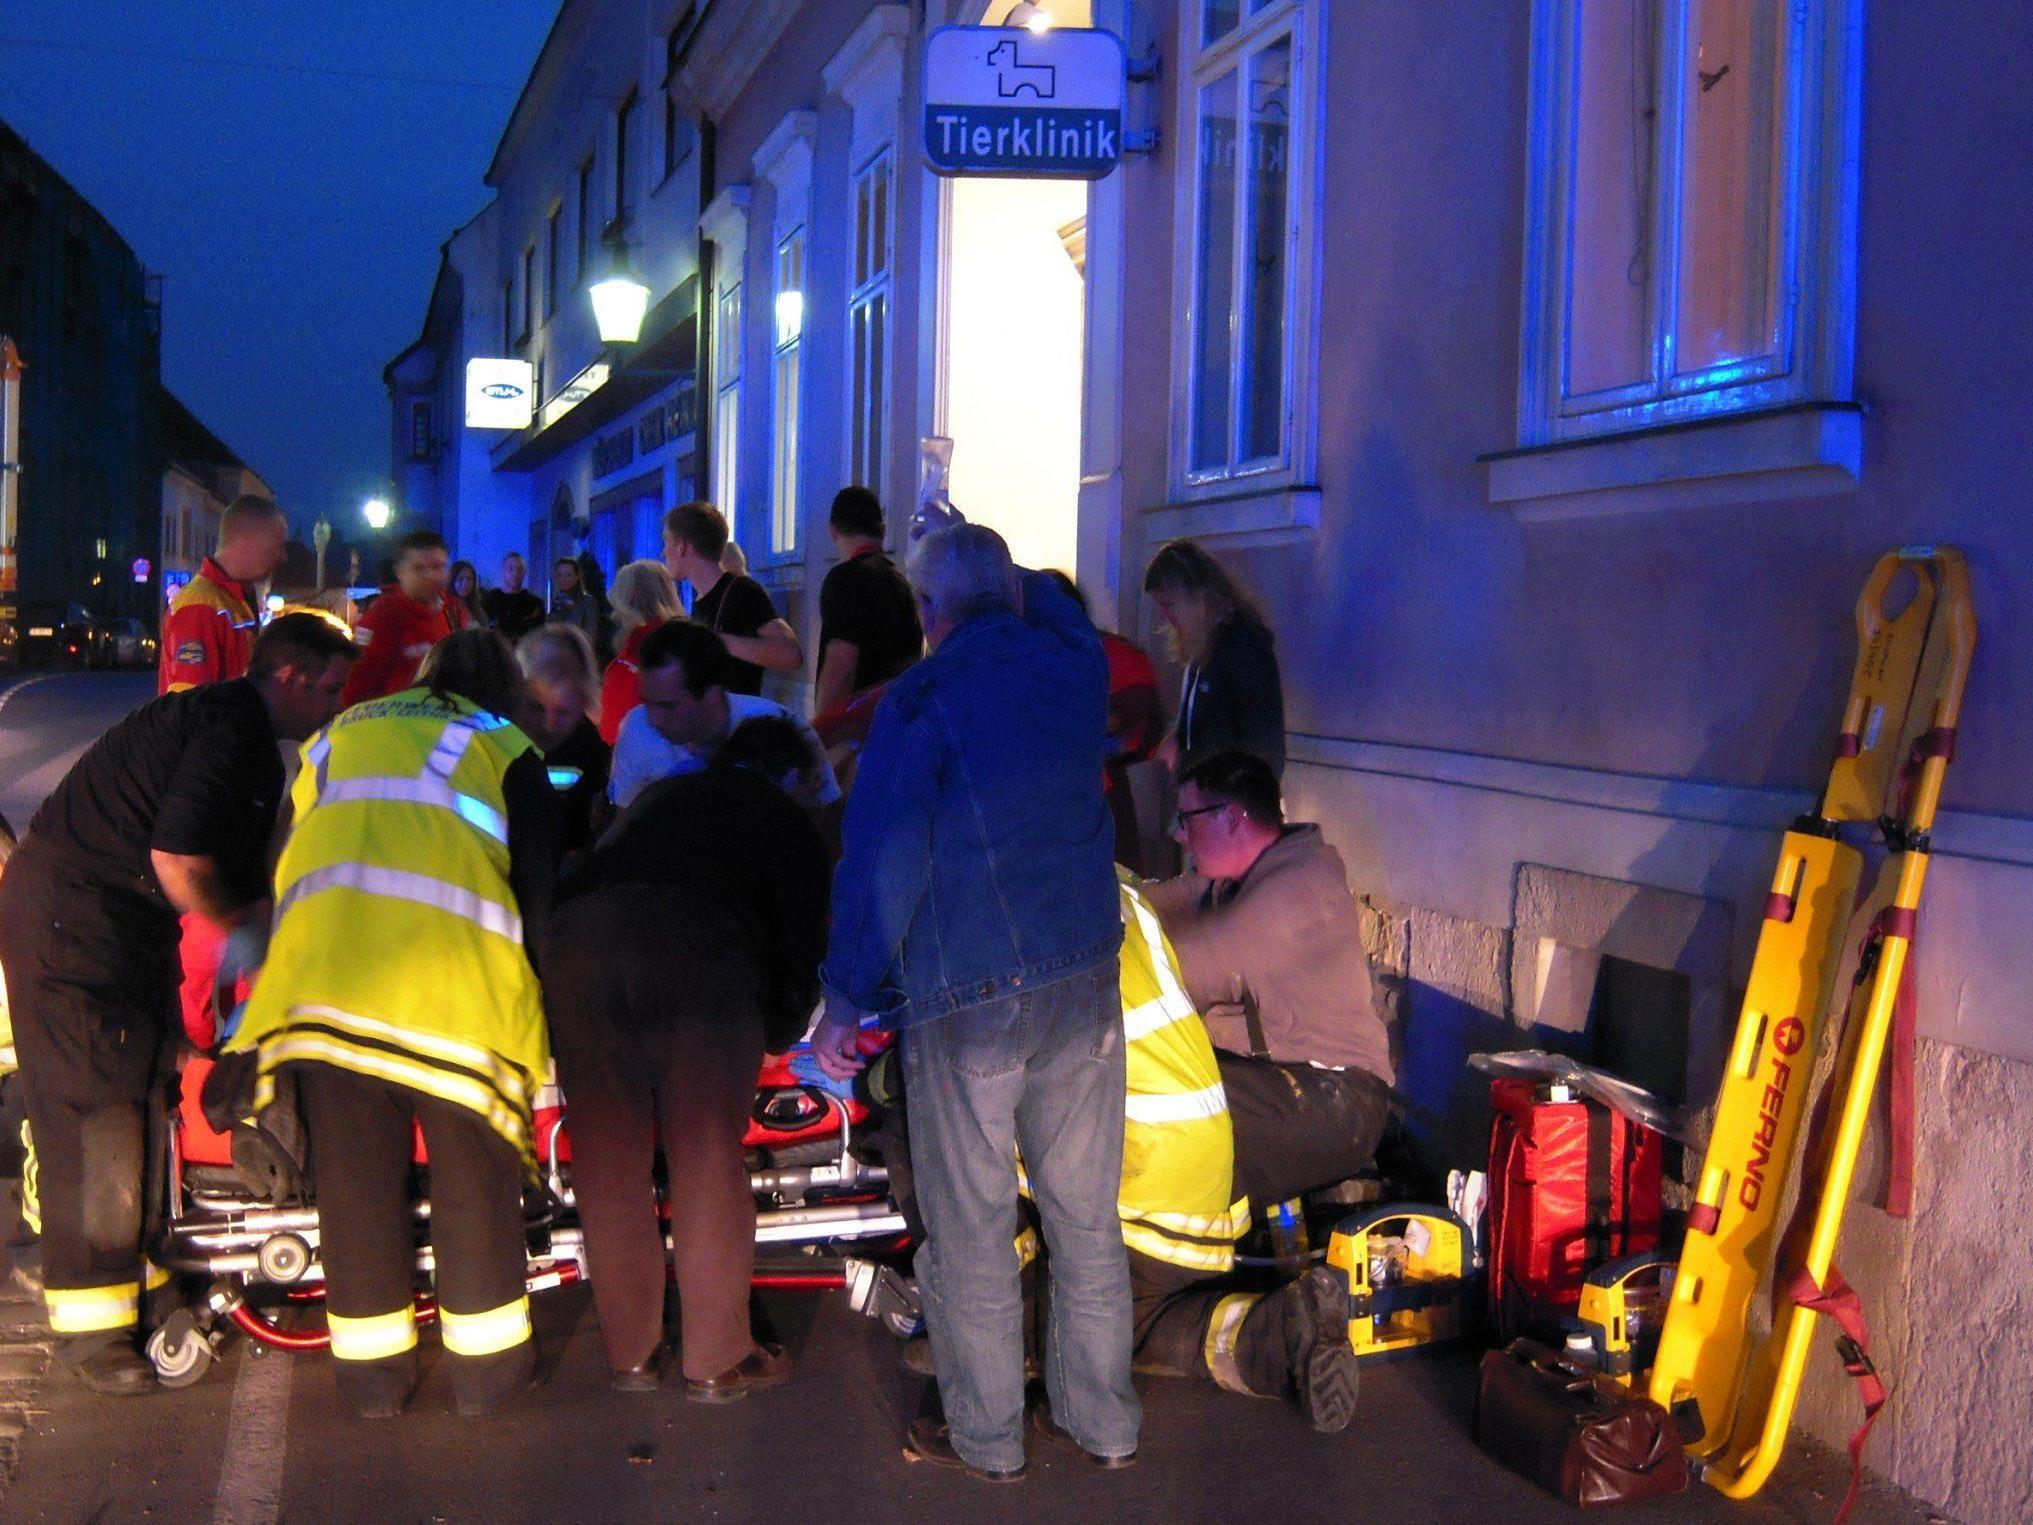 Beim Absturz eines Lastenaufzuges in einer Tierklinik wurden vier Personen verletzt.